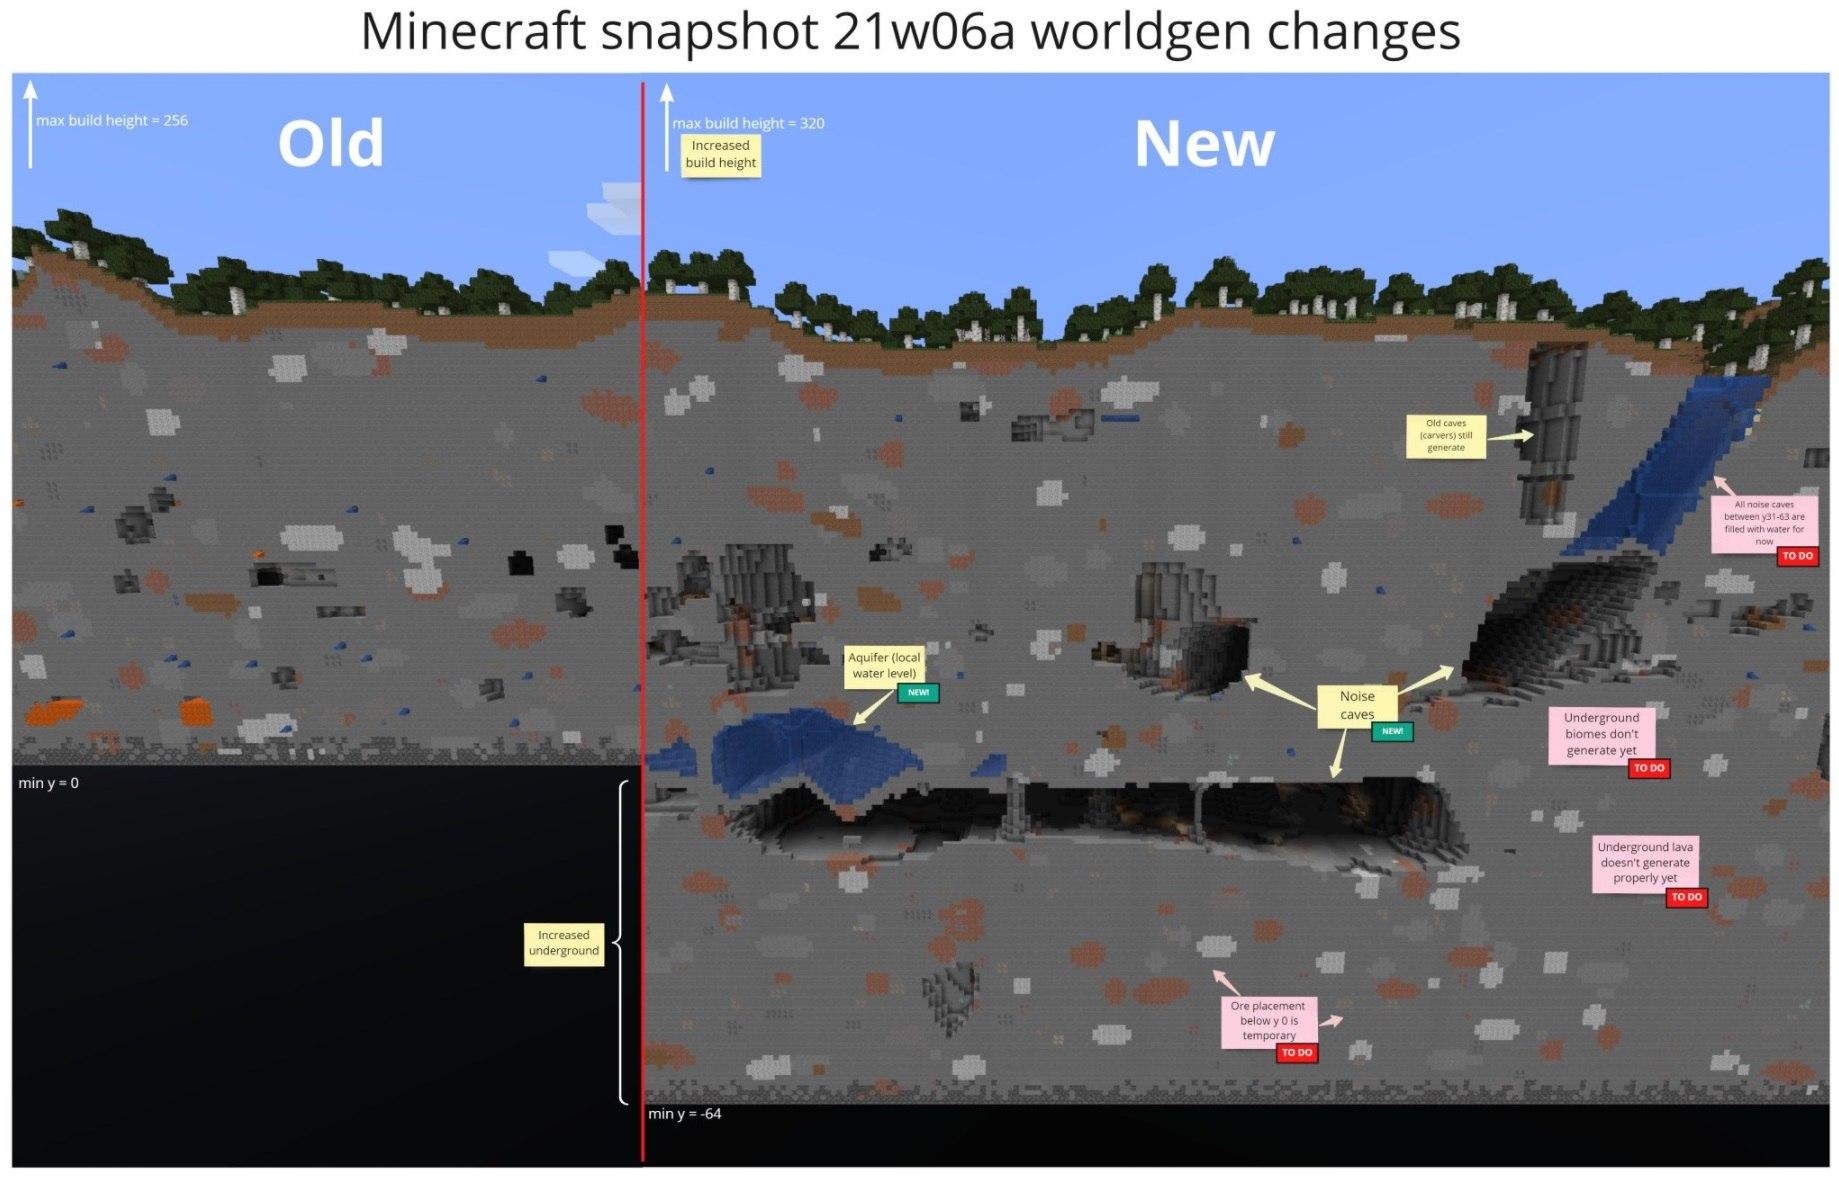 nowy limit wysokosci swiata glownego overworld minecraft snapshot 21w06a